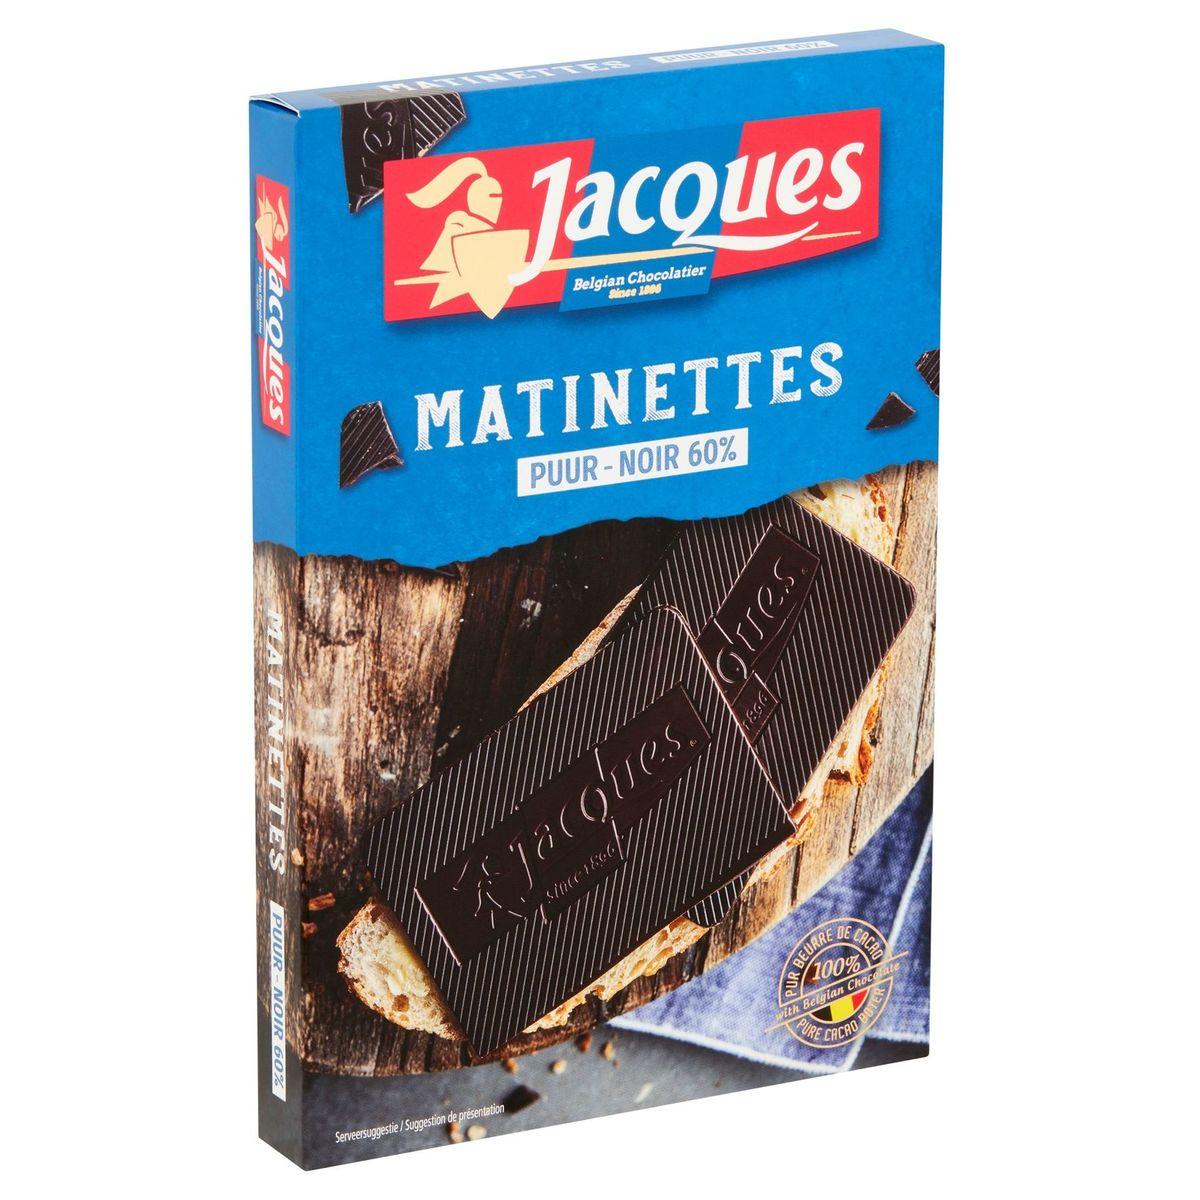 Jacques Matinettes Noir 60% 128 g